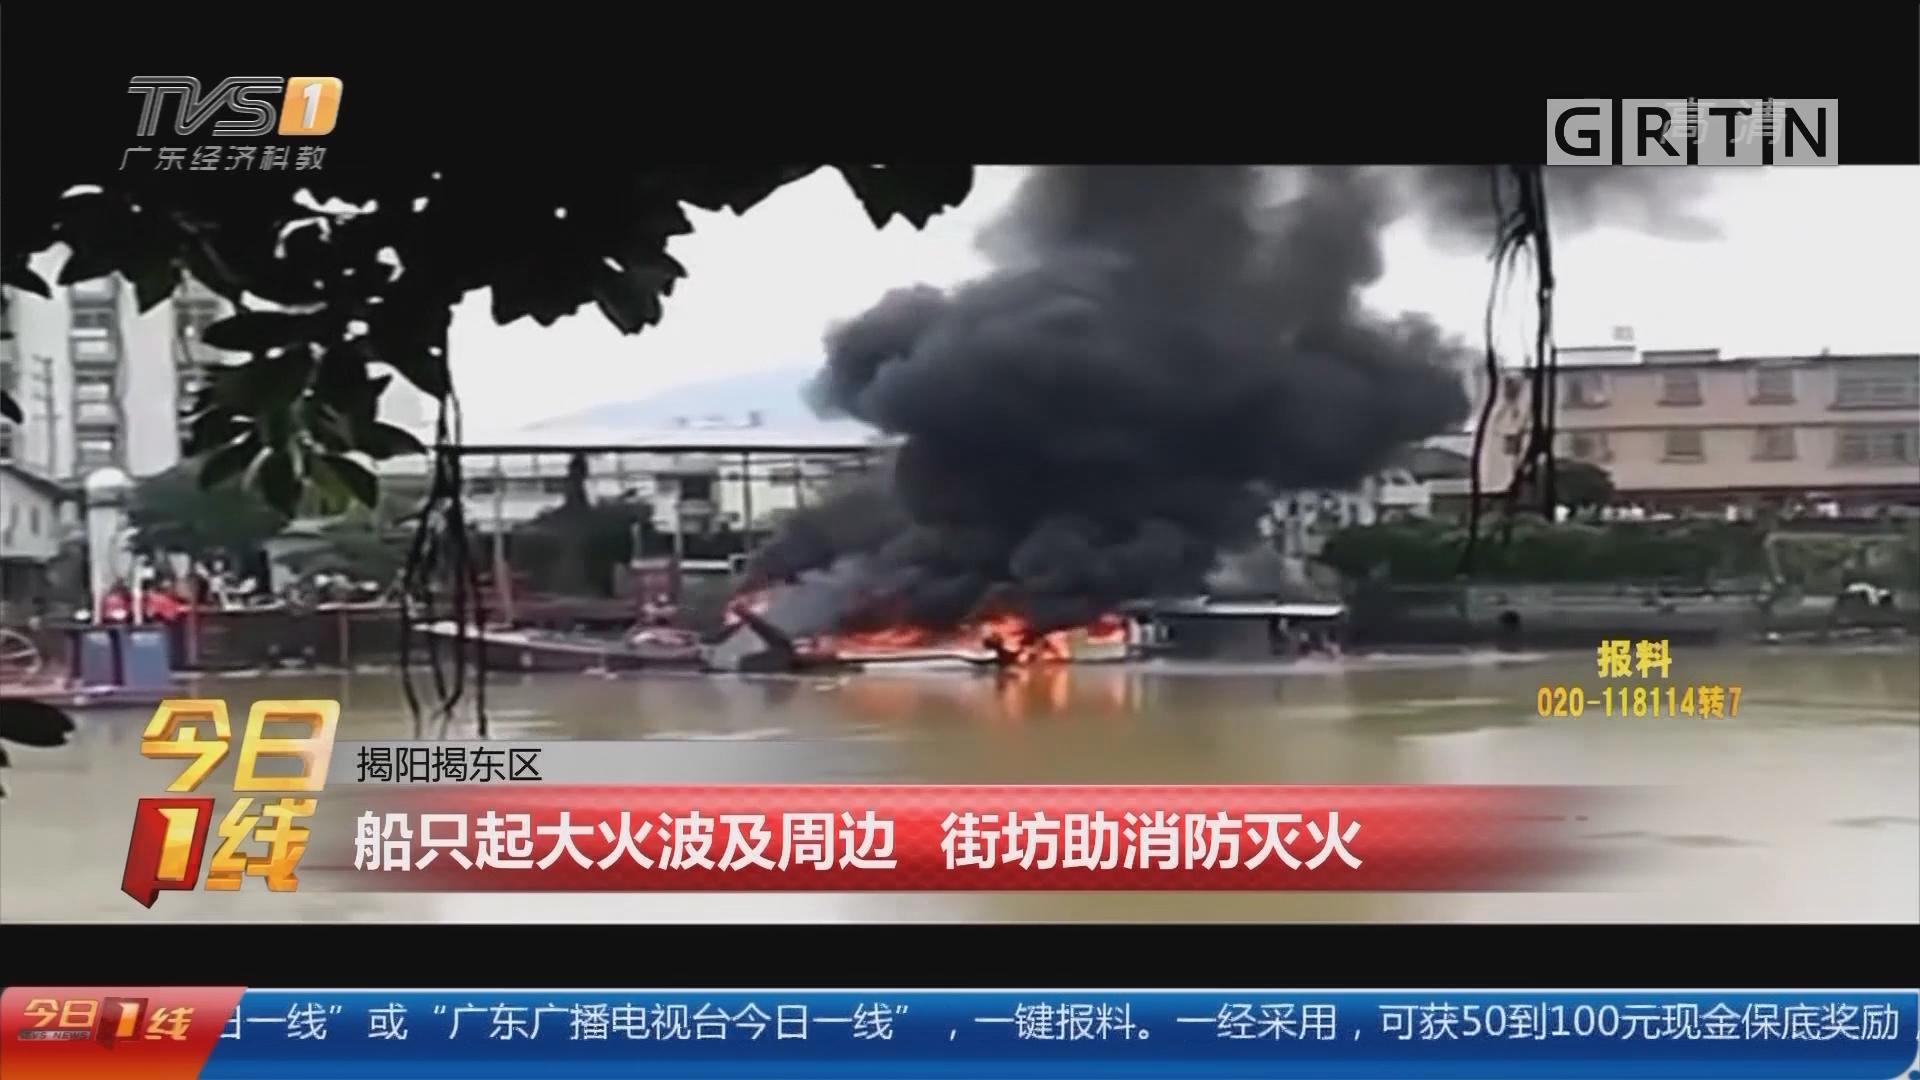 揭阳揭东区:船只起大火波及周边 街坊助消防灭火